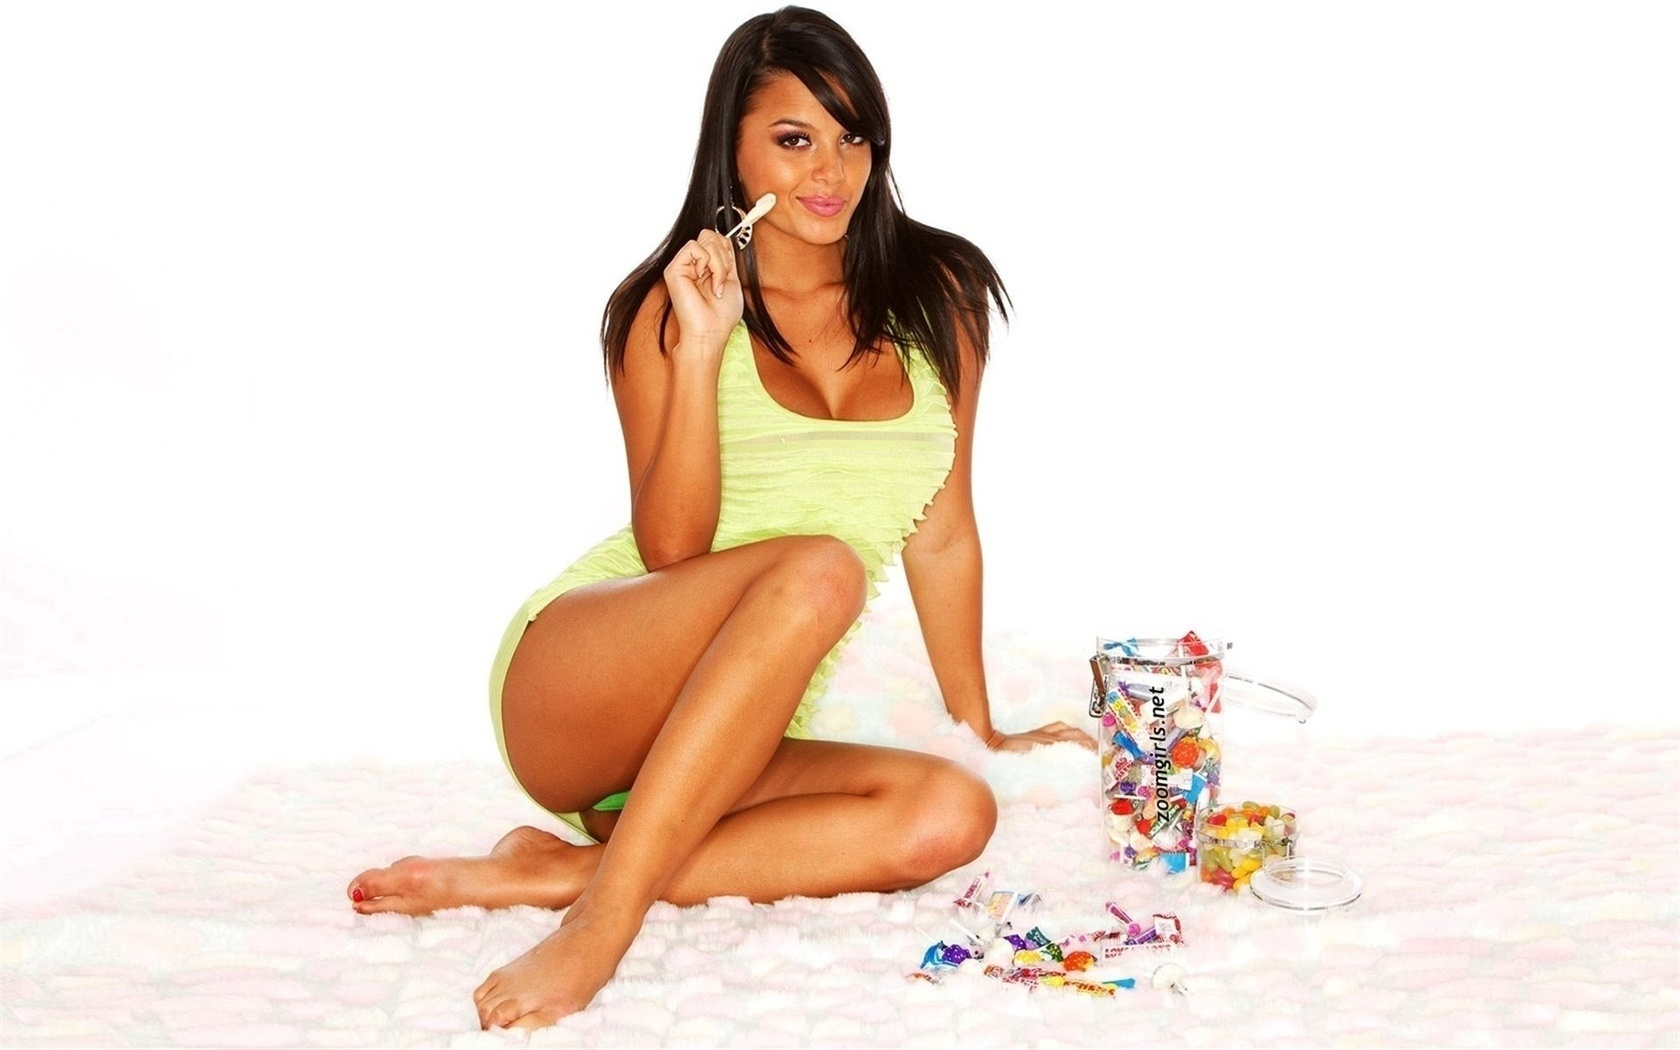 сладкая конфетка в сексуальном белье видео подошел высокому